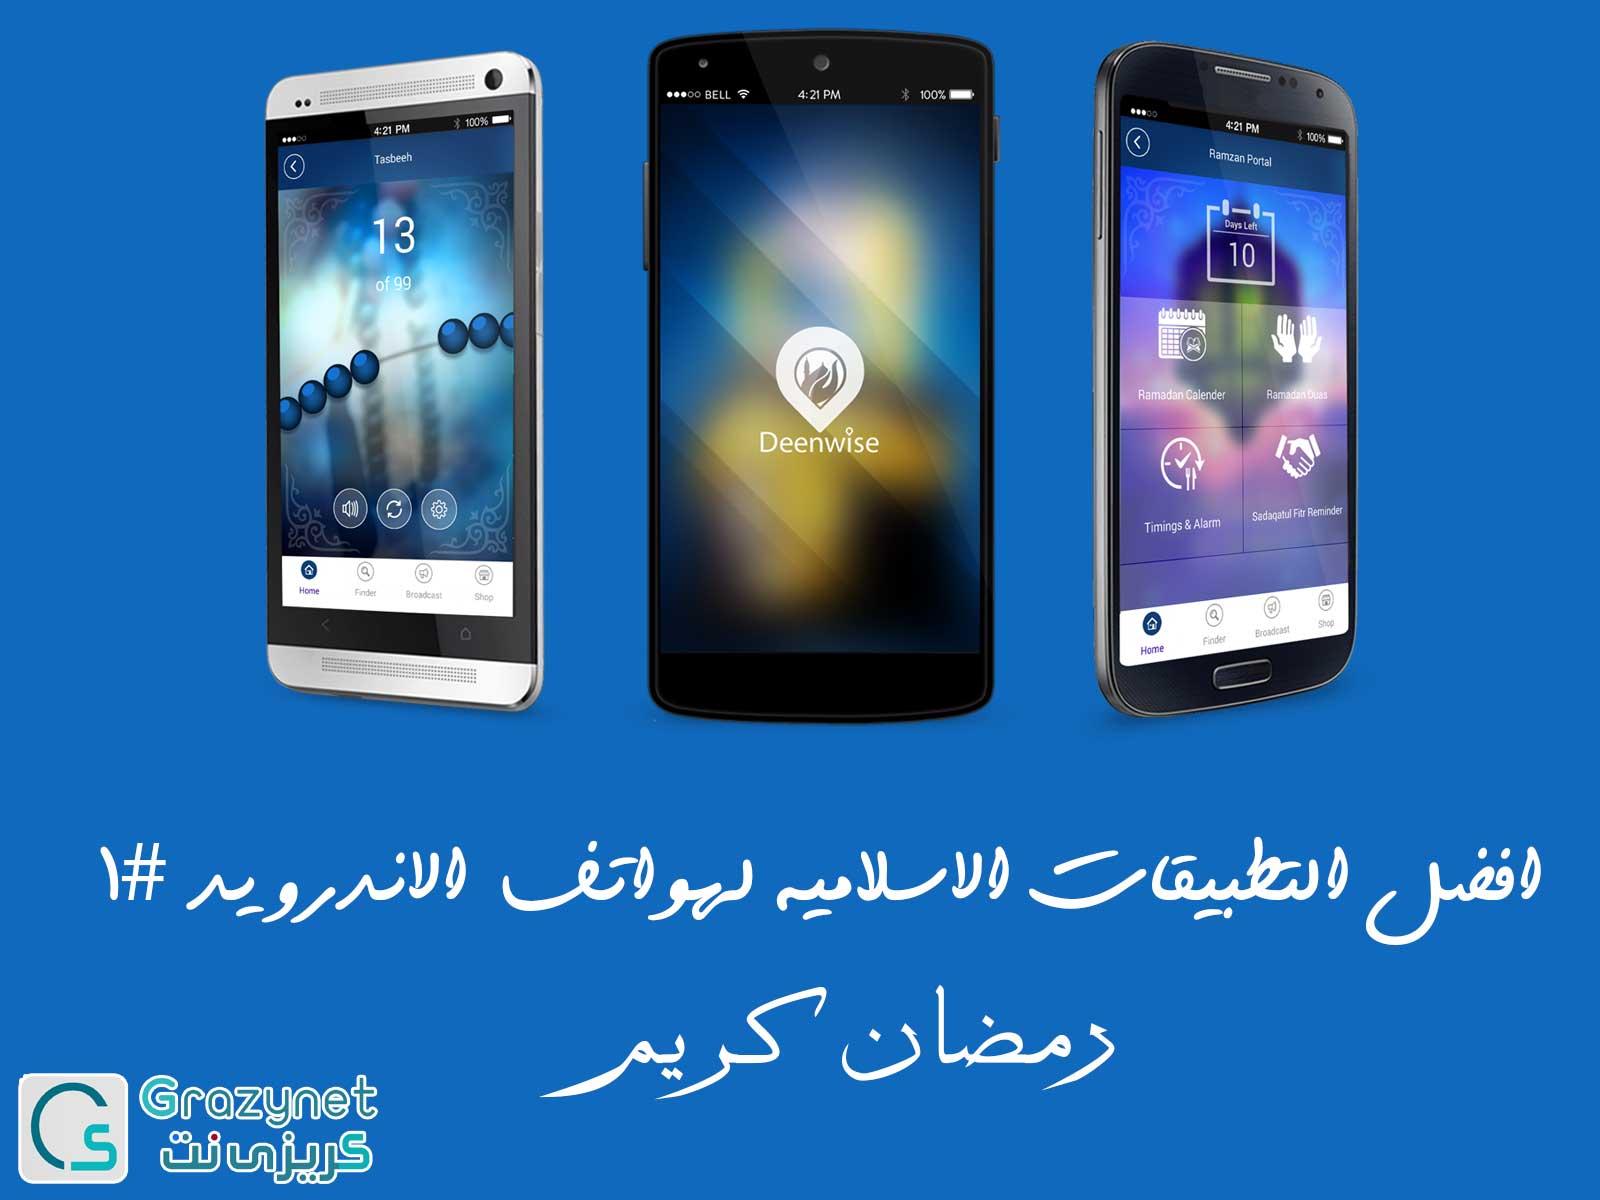 افضل التطبيقات الاسلامية لهواتف الاندرويد #1